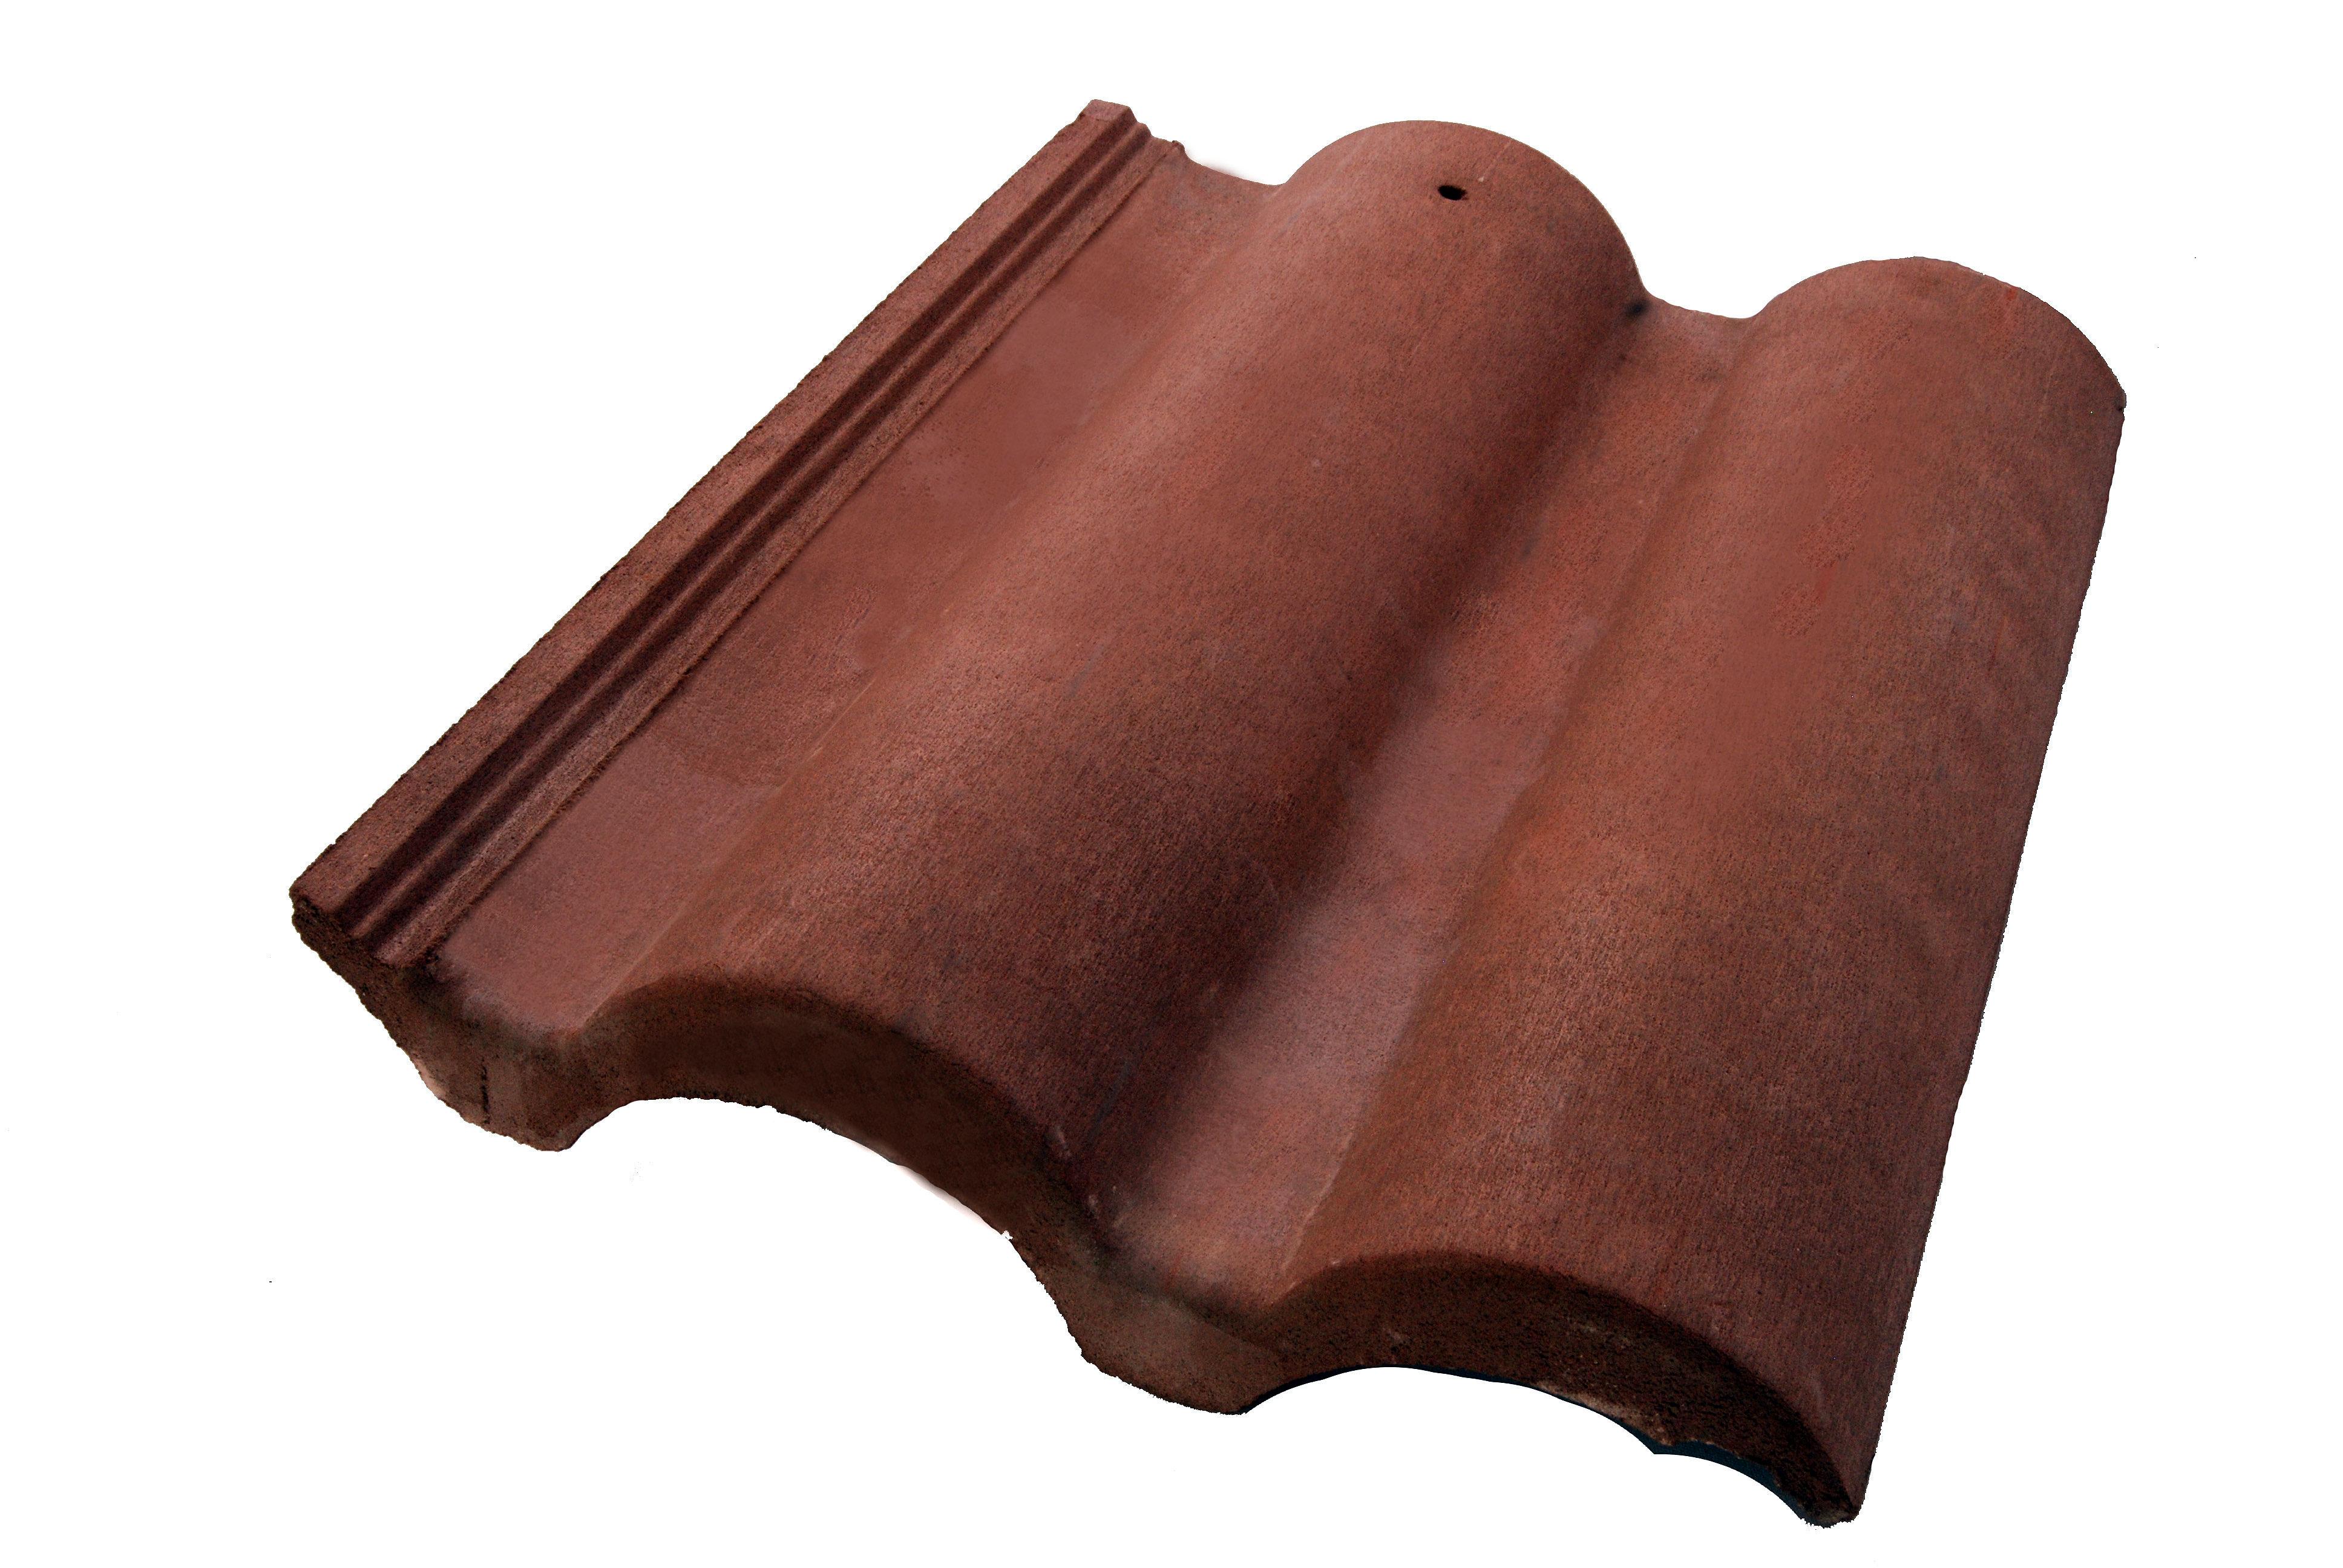 Telhas de concreto já têm até a coloração das telhas cerâmicas.